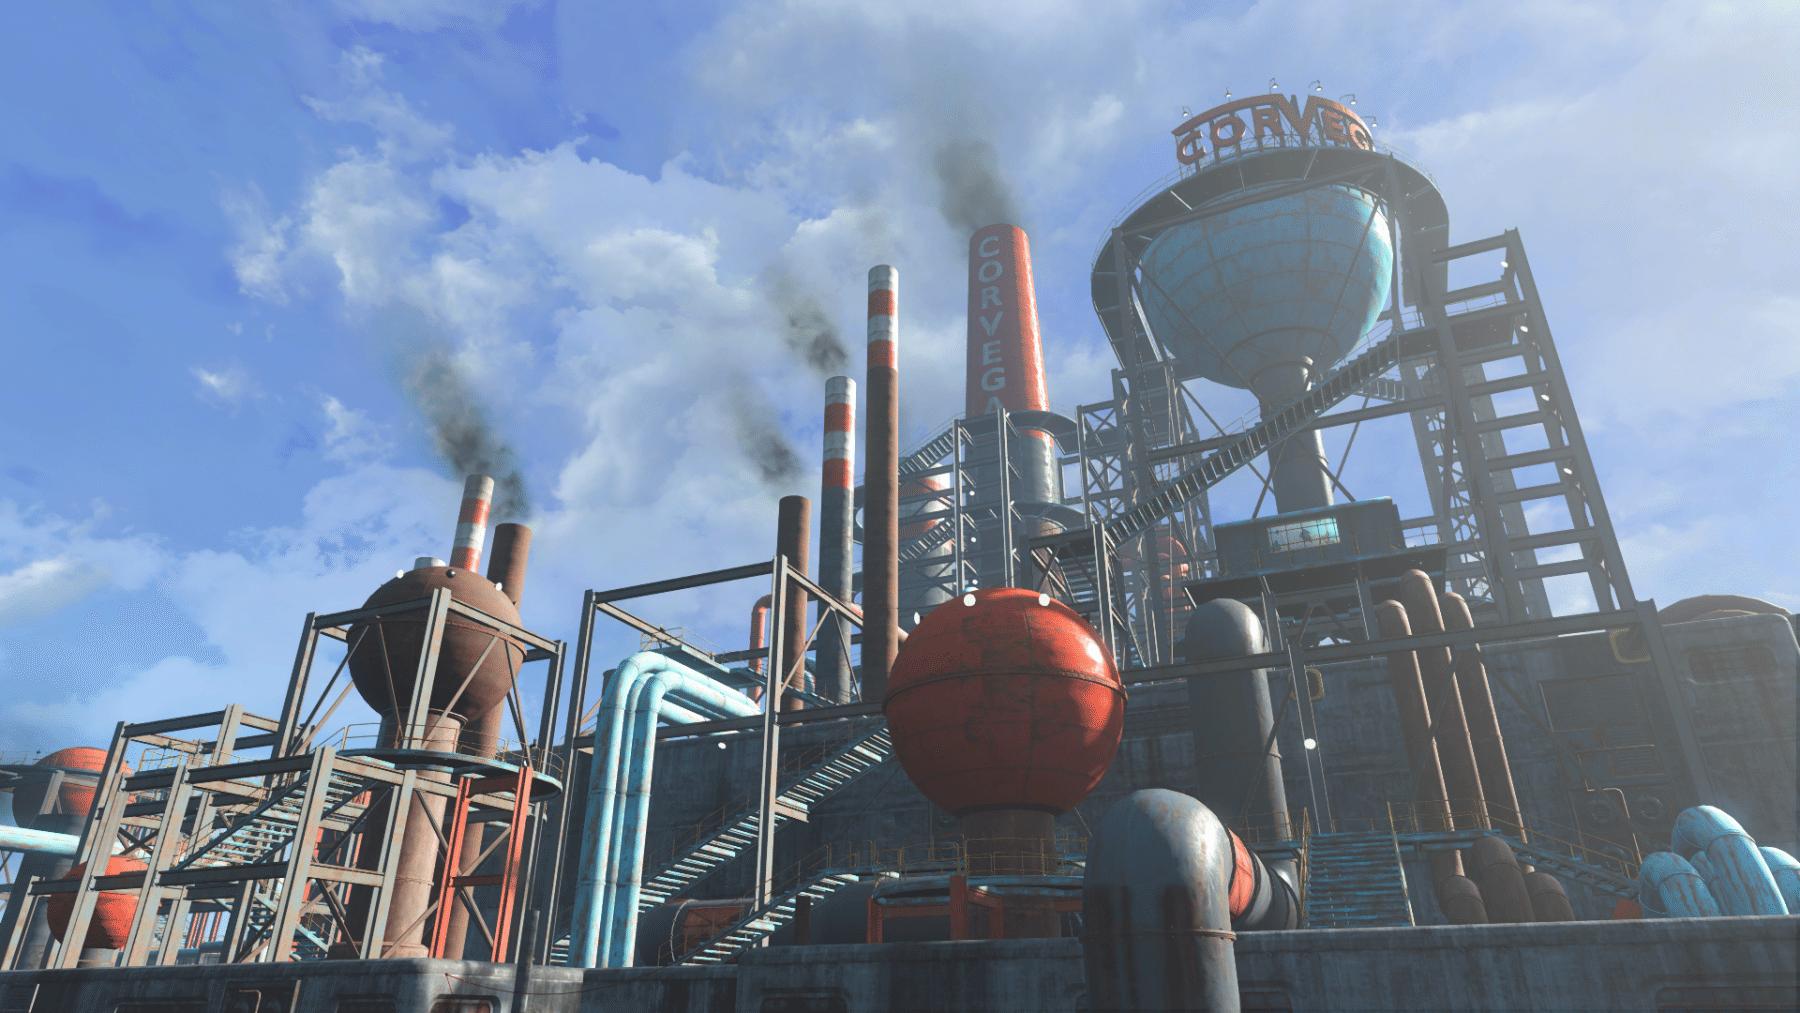 Corvega_assembly_plant_Fallout_4